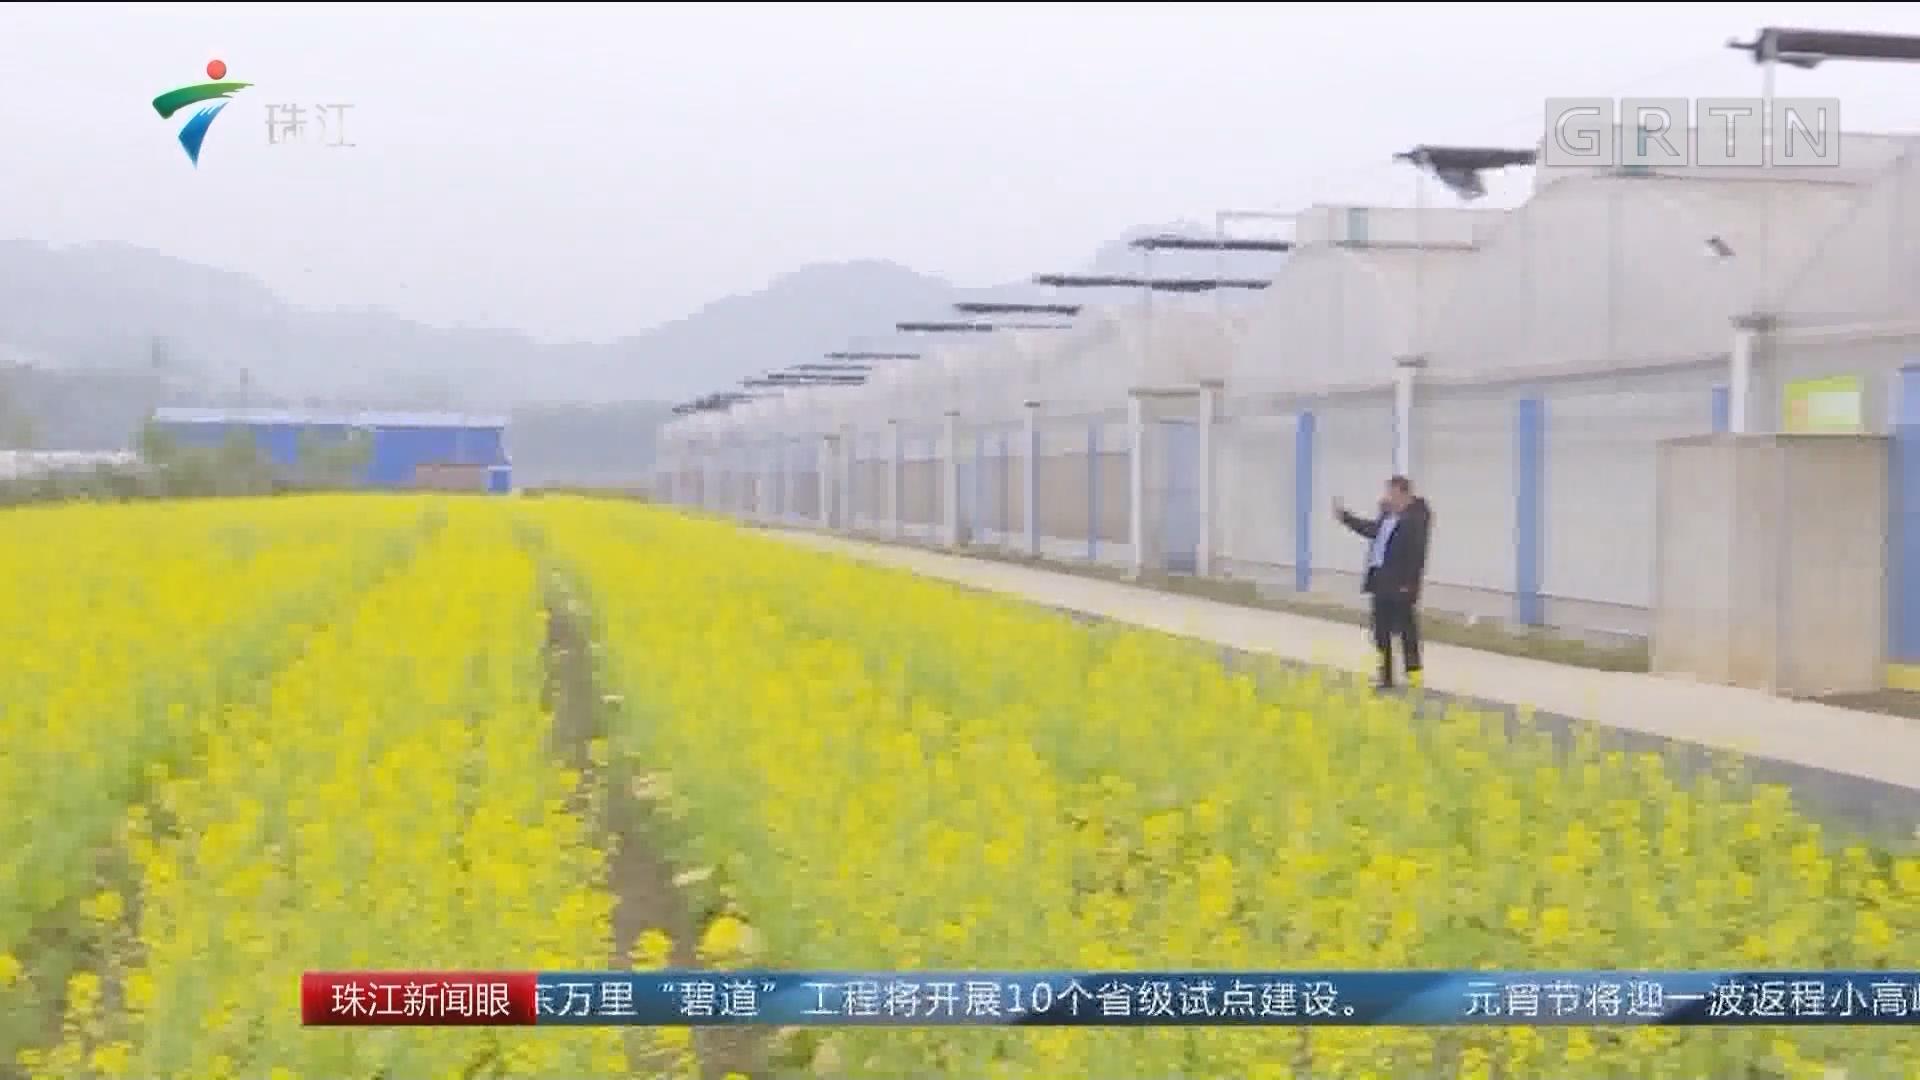 清远:乡村新闻官上线 游客量明显提升